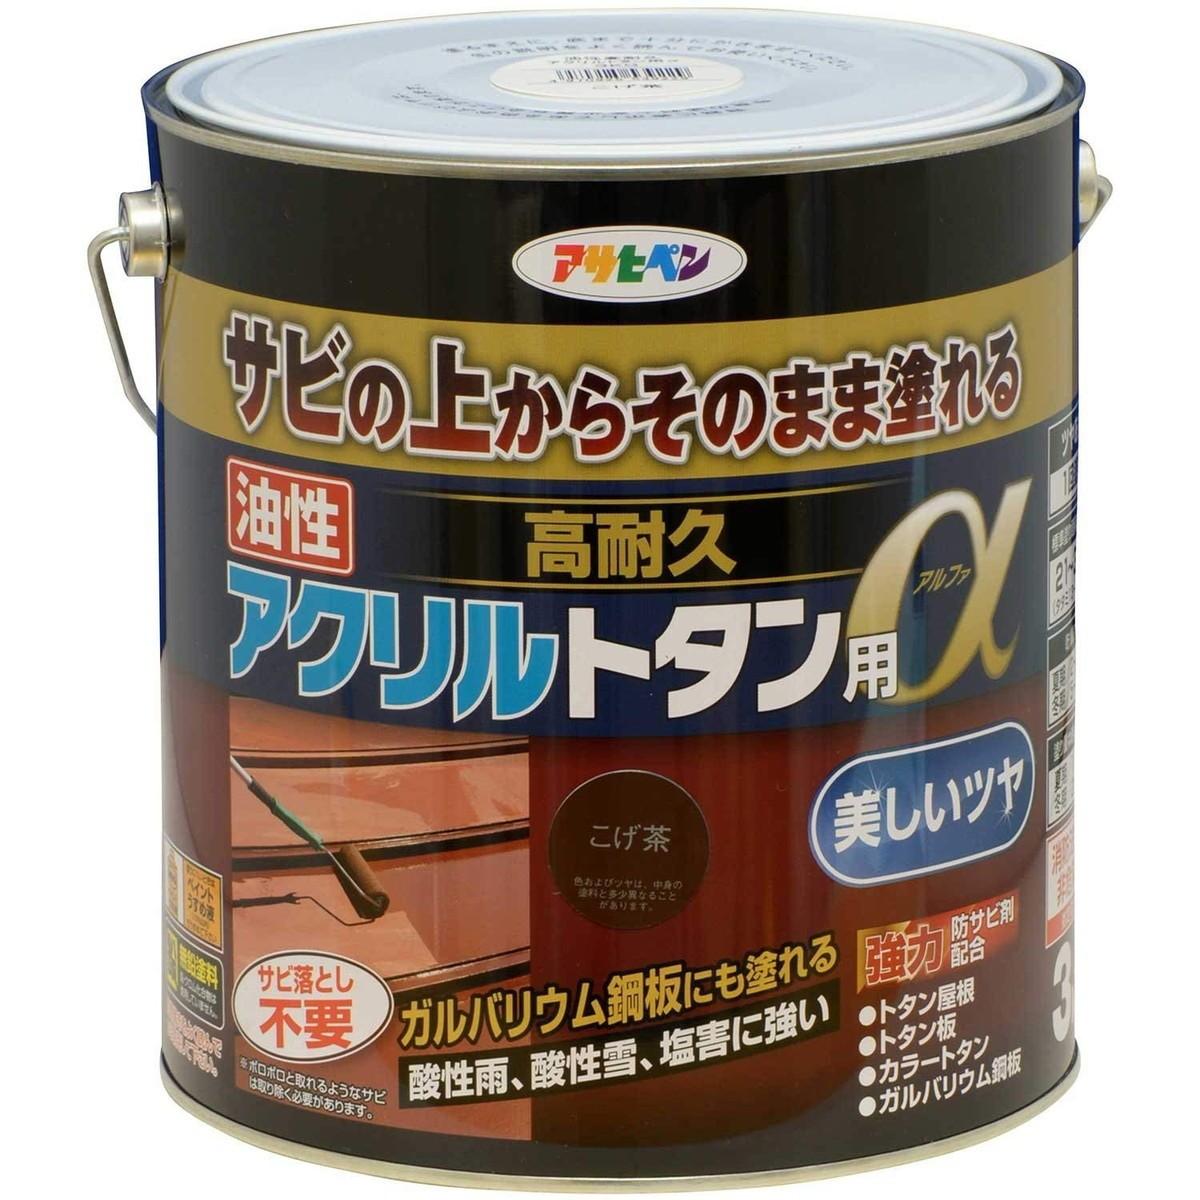 アサヒペン トタン用塗料 3kg こげ茶【クーポン配布中】